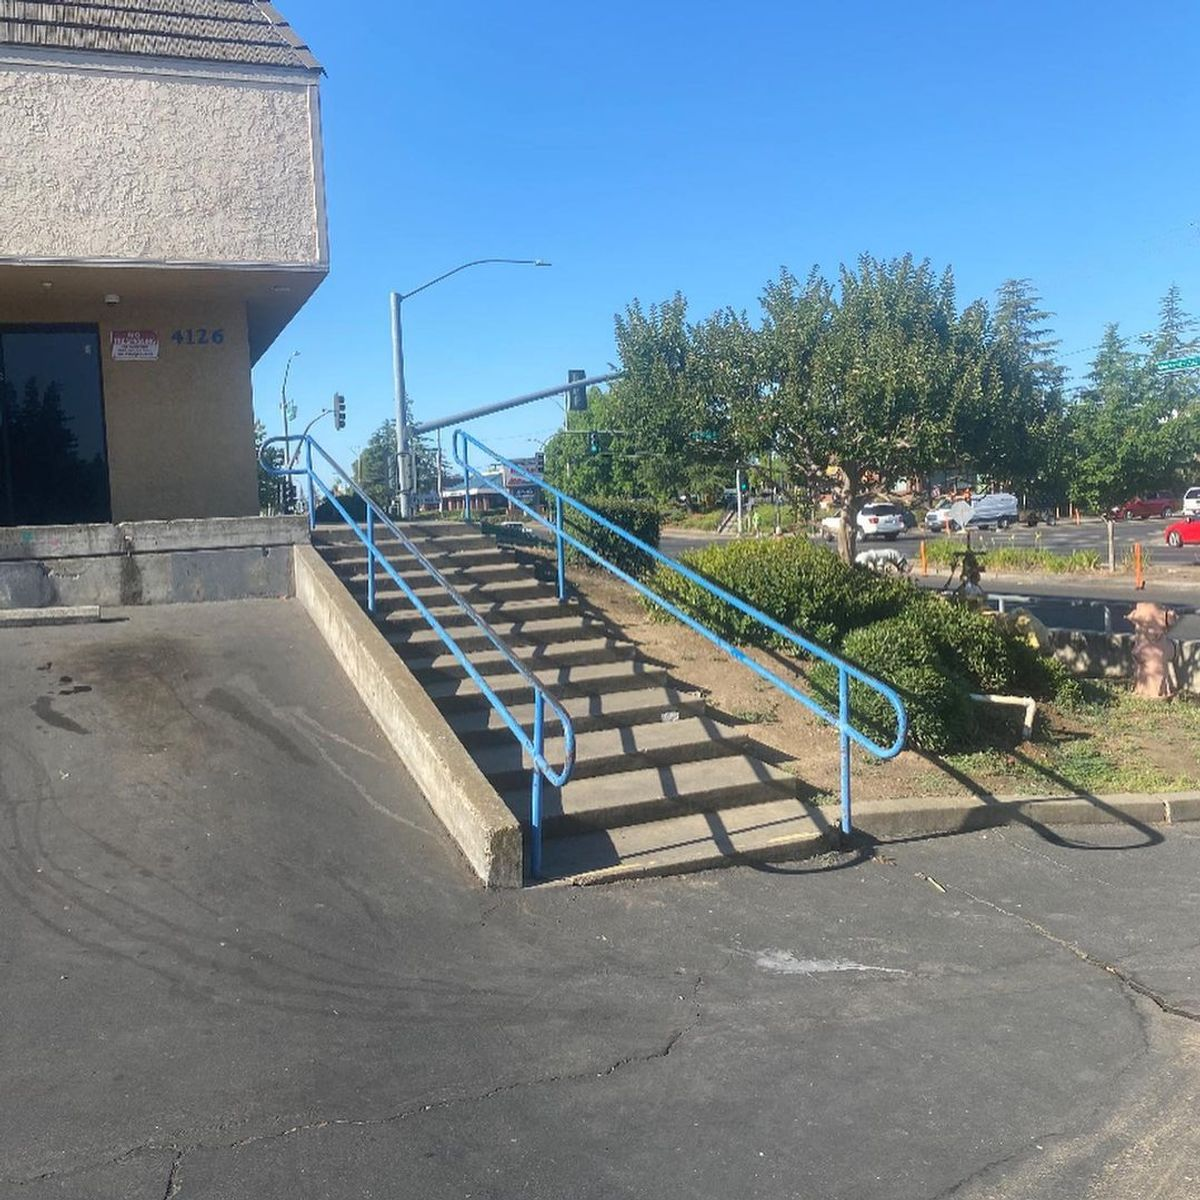 Image for skate spot Goodwill 13 Stair Rail